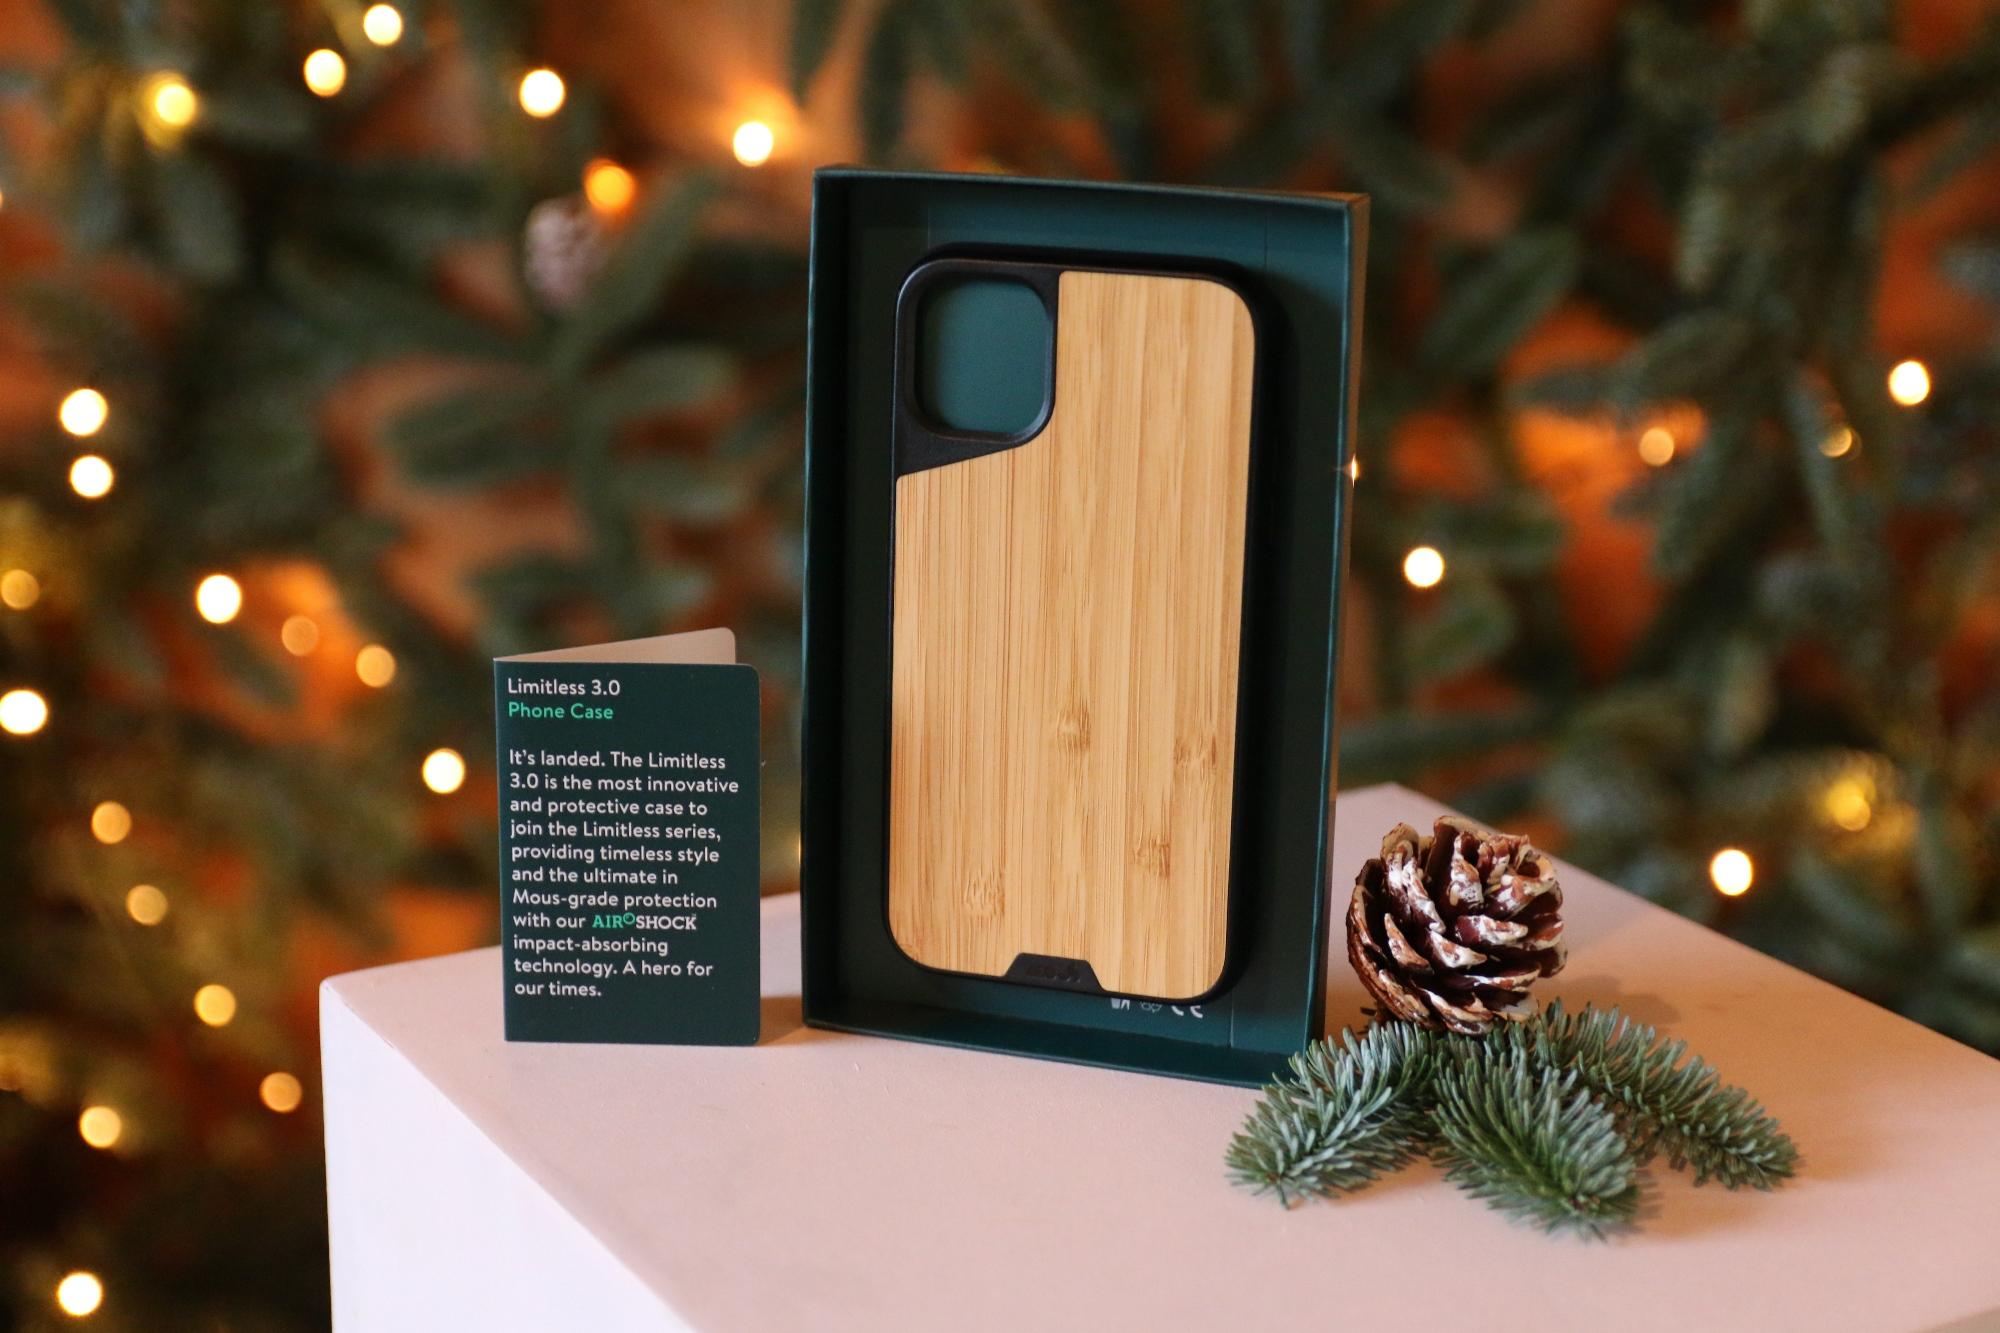 iphone-11-mous-case